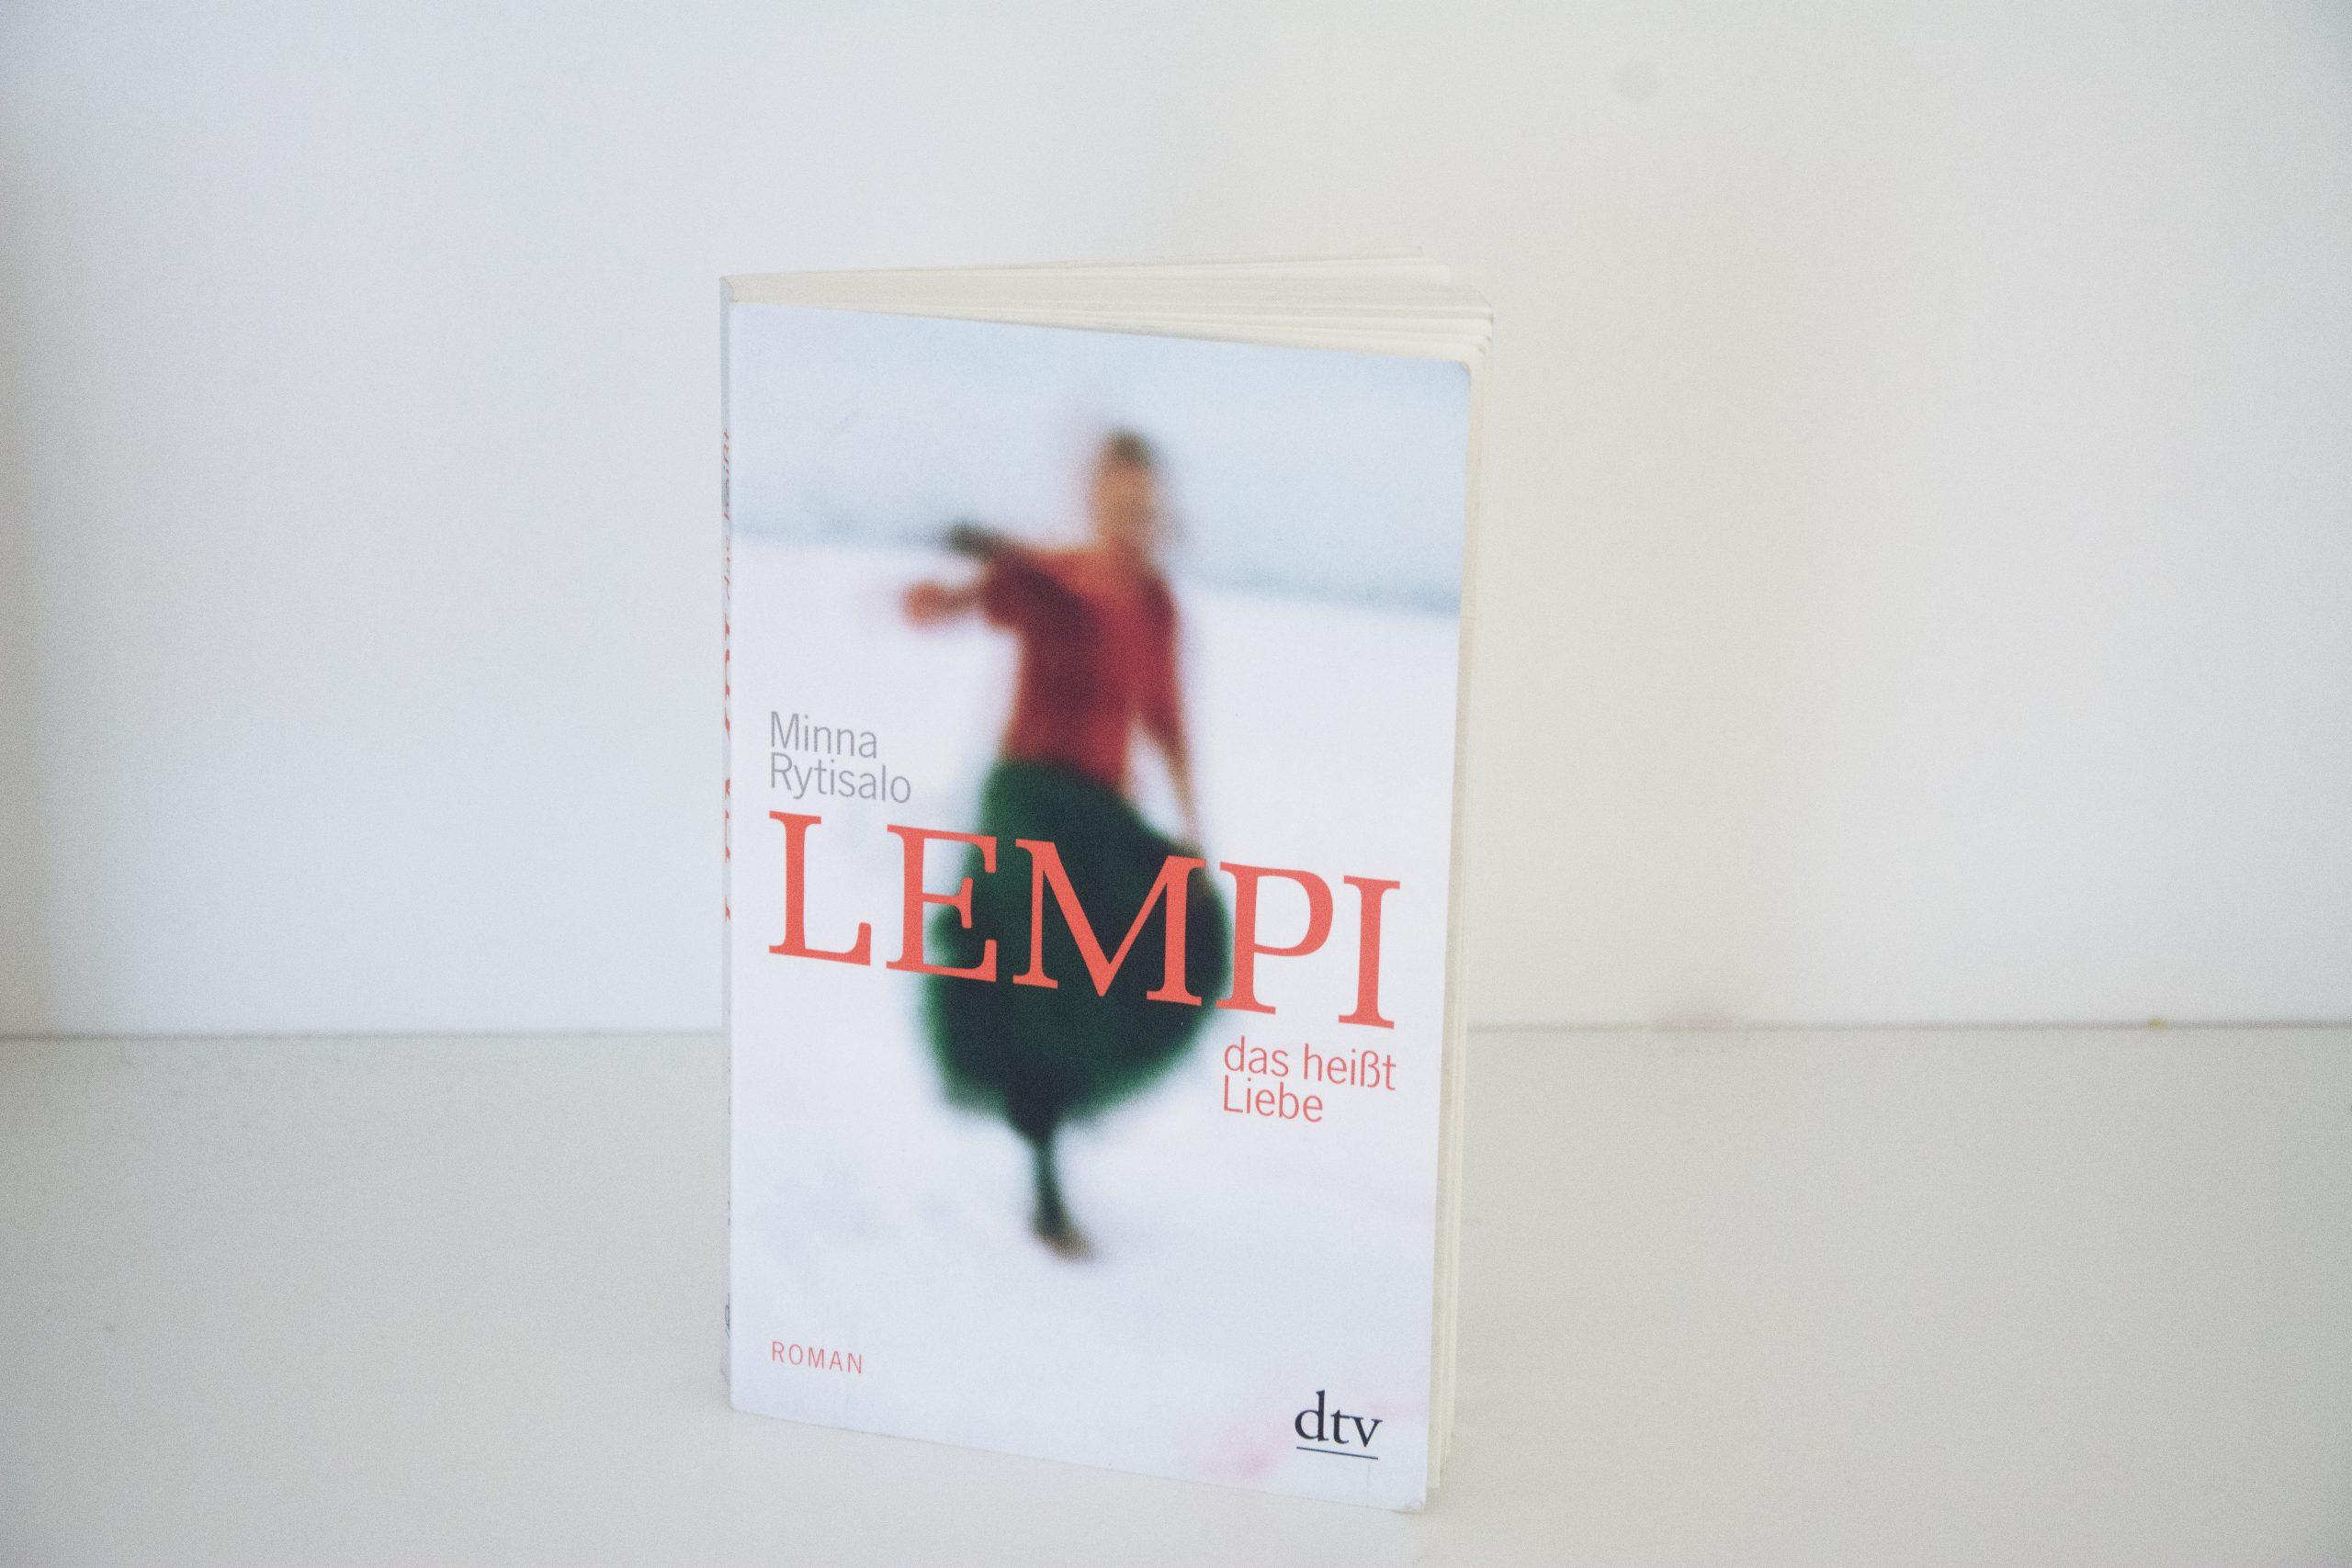 »Lempi, das heißt Liebe« von Minna Rytisalo